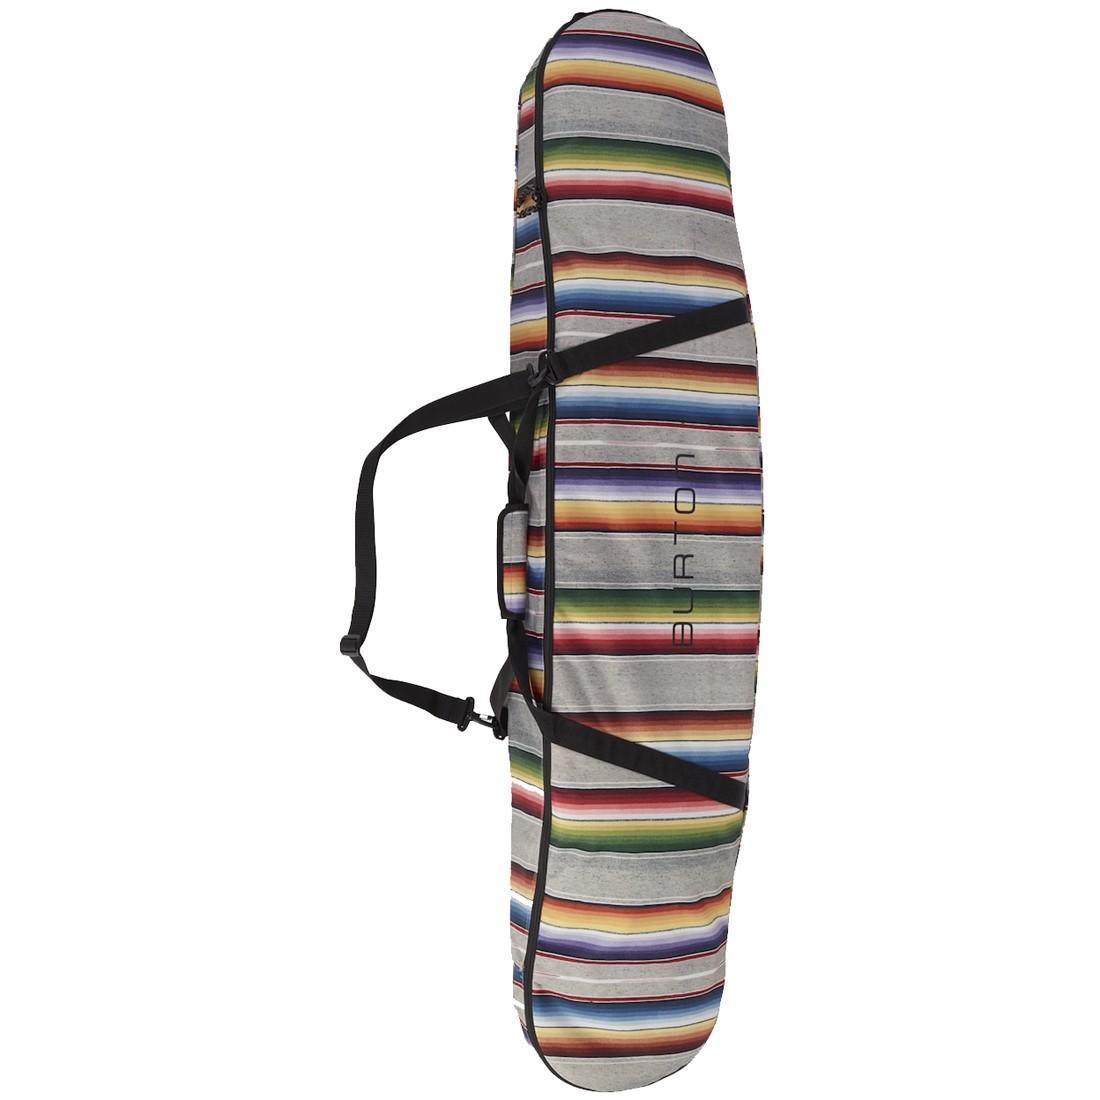 Сумка для сноуборда SPACE SACKСумки<br><br>Удобная сумка SPACE SACK от известного американского бренда Burton создана для комфортной перевозки и хранения сноуборда. С ее помощью можно без проблем преодолеть любые расстояния с любимой доской.<br><br><br><br>Чехол может вместить два сноуб...<br><br>Цвет: Черный<br>Размер: 156